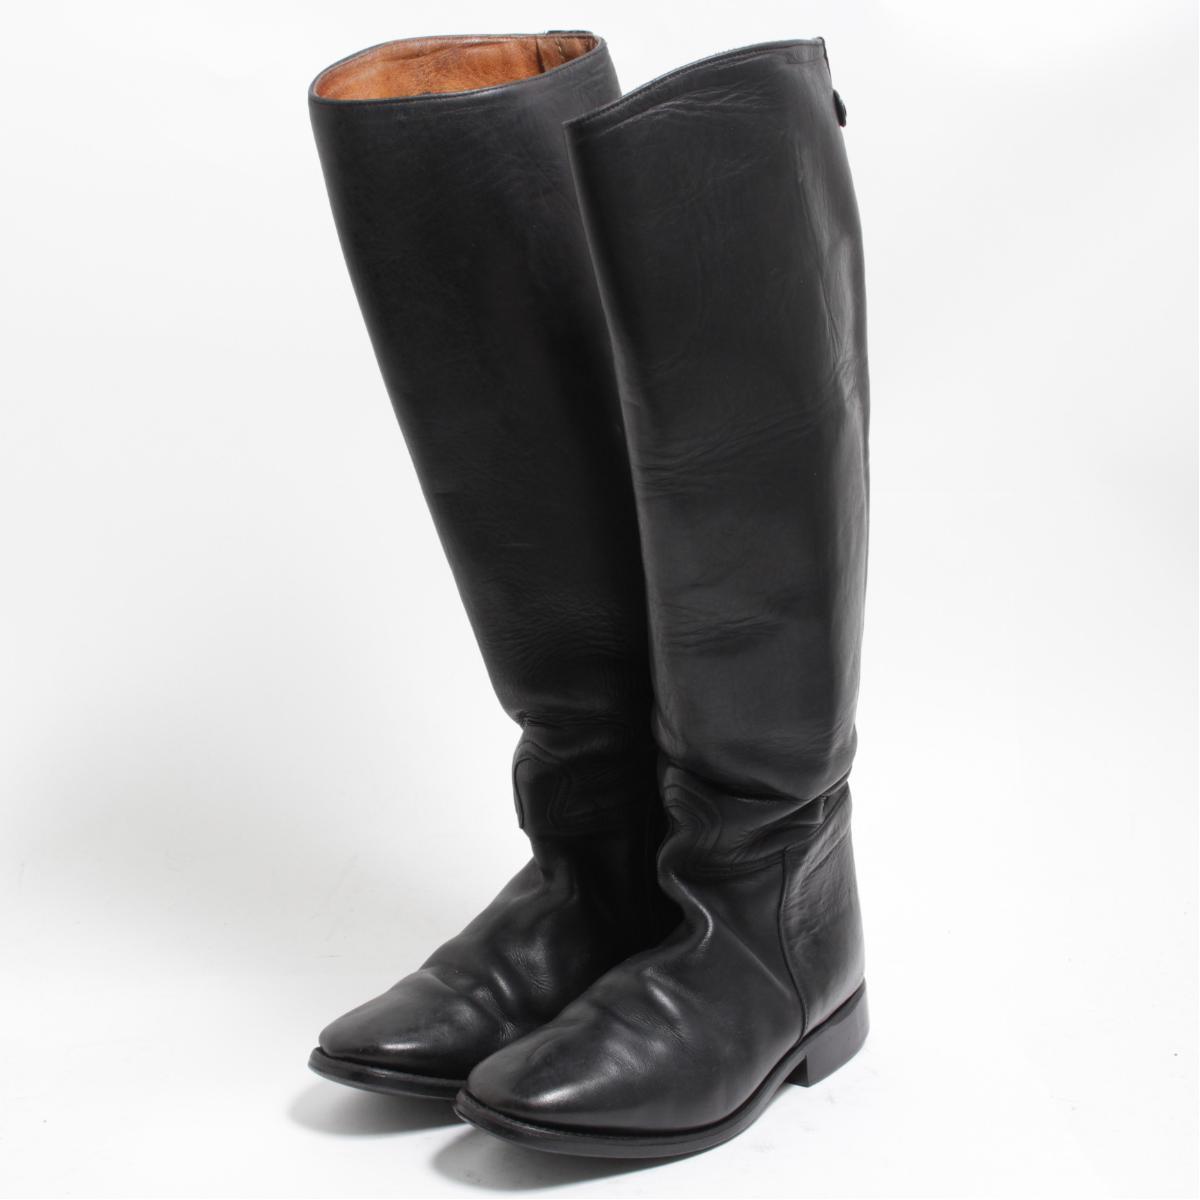 カバロ Cavallo ジョッキー乗馬ブーツ 5 レディース23.0cm /bom4609 【中古】 【180409】